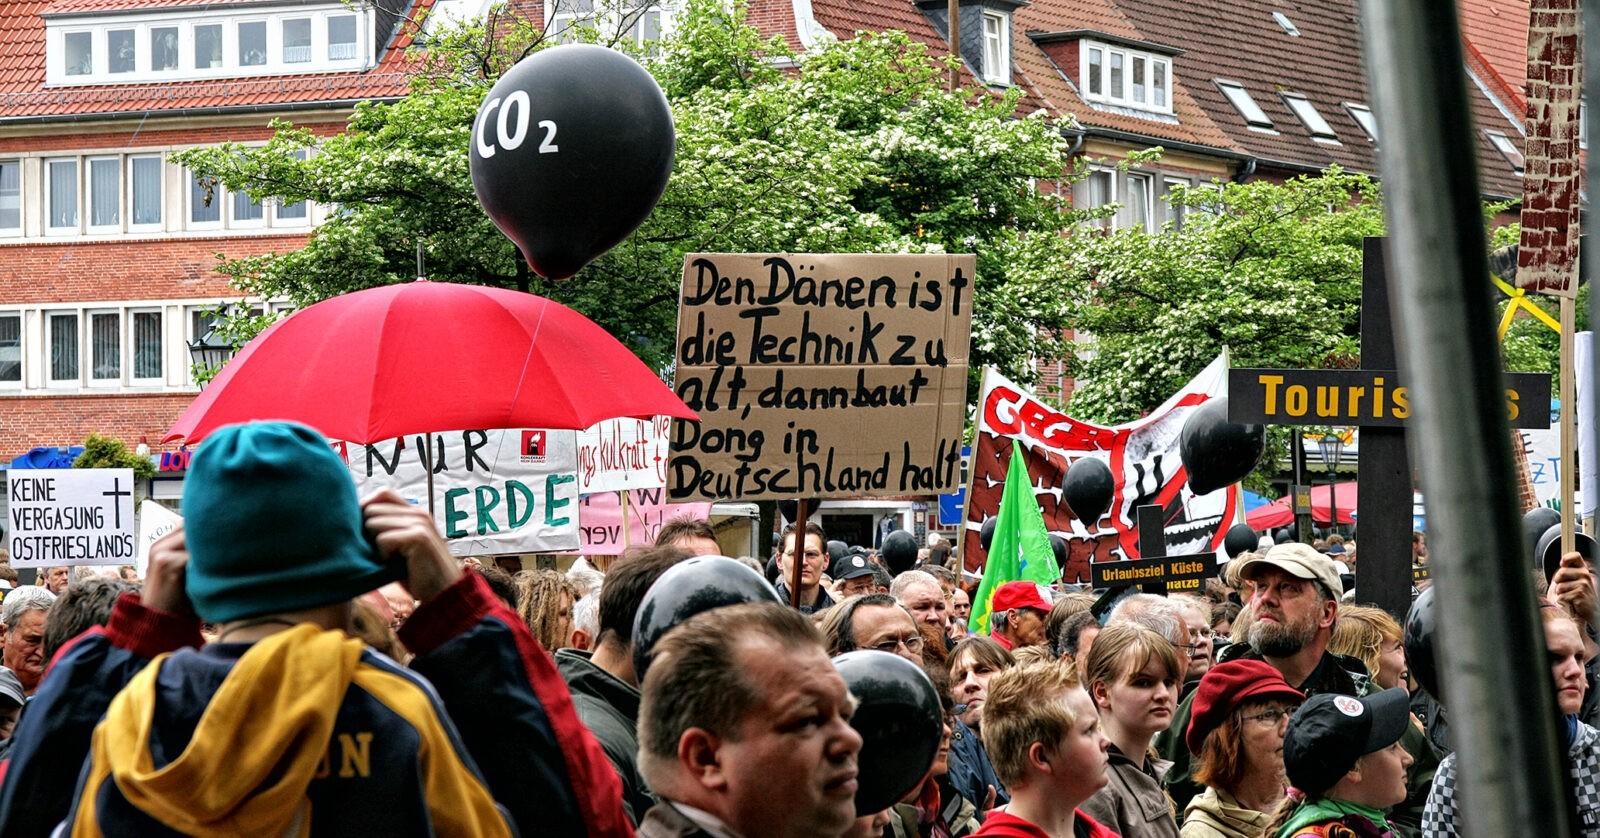 Demonstration gegen das geplante Kohlekraftwerk von Dong Energy am 17. Mai 2009 in Emden. Foto: Volkmar Kayser